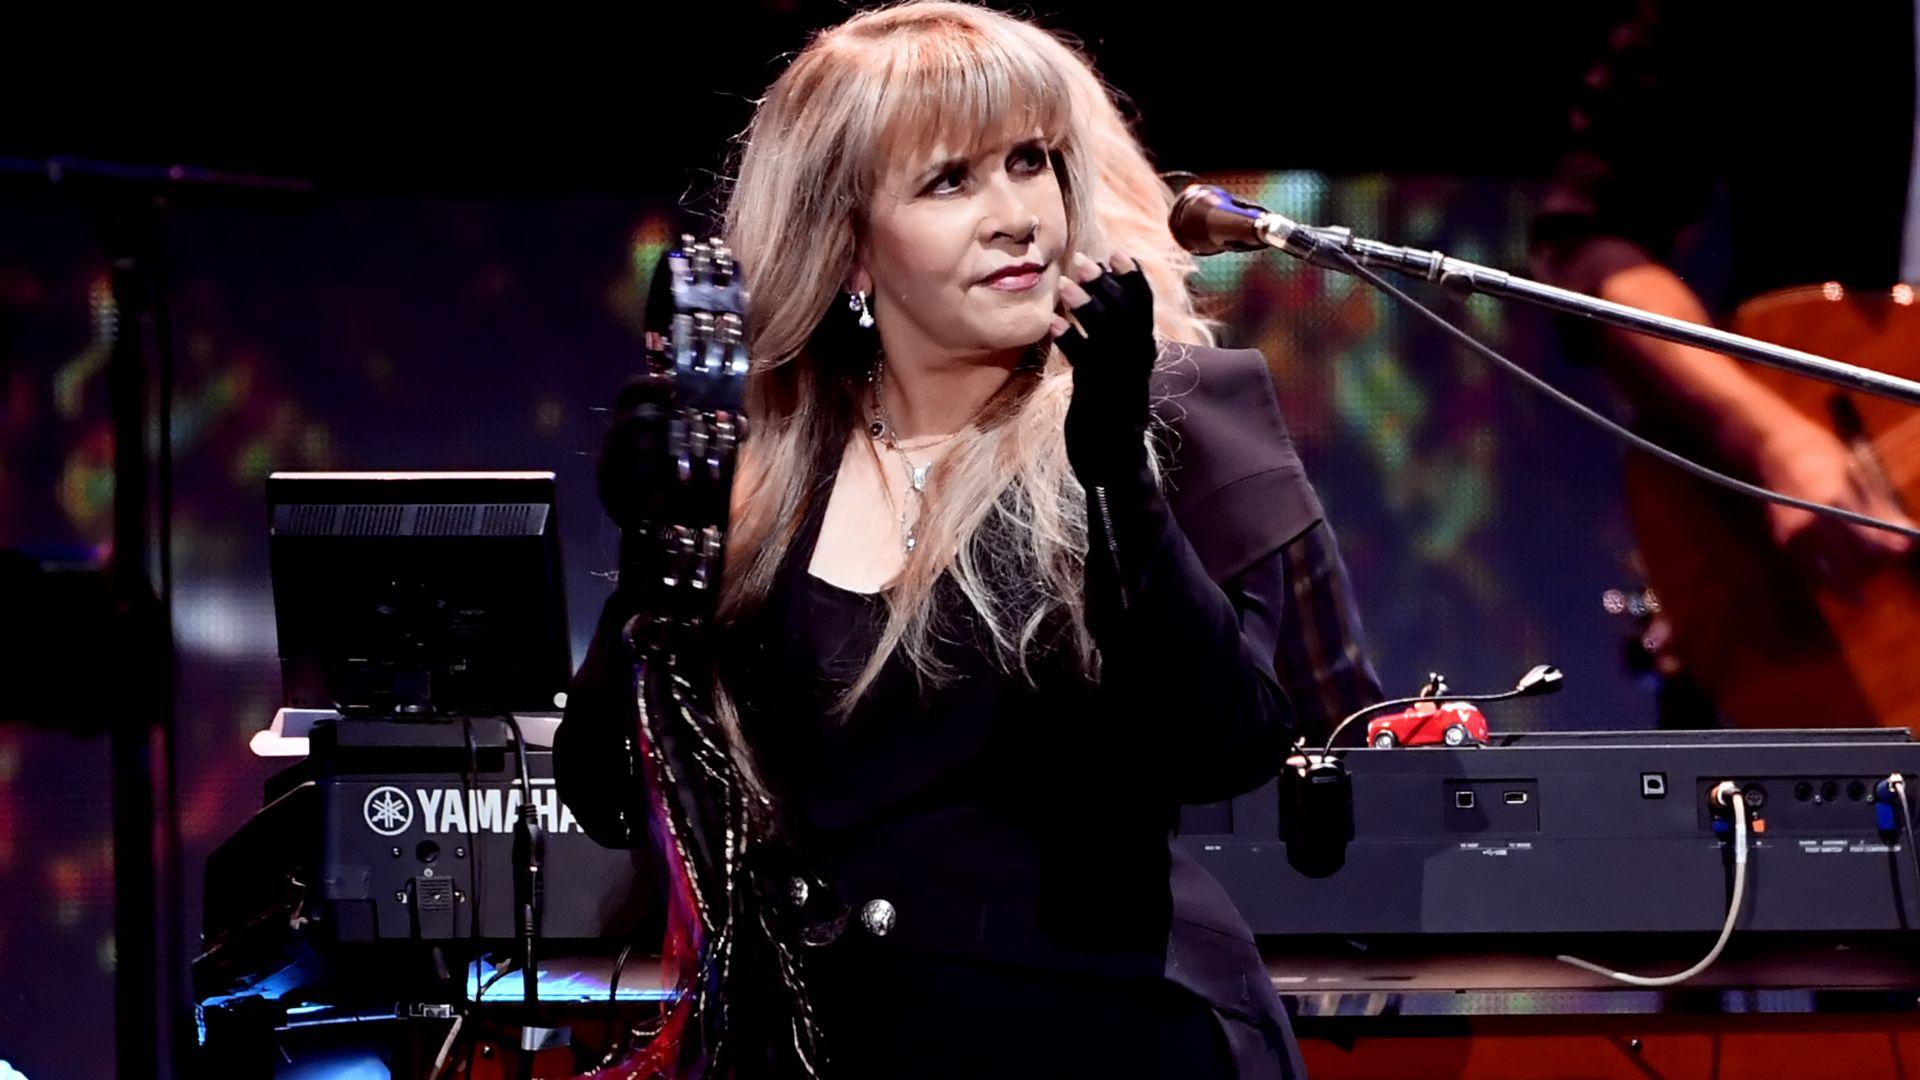 Пандемията принуди певицата Стиви Никс да отмени концертите си до края на годината